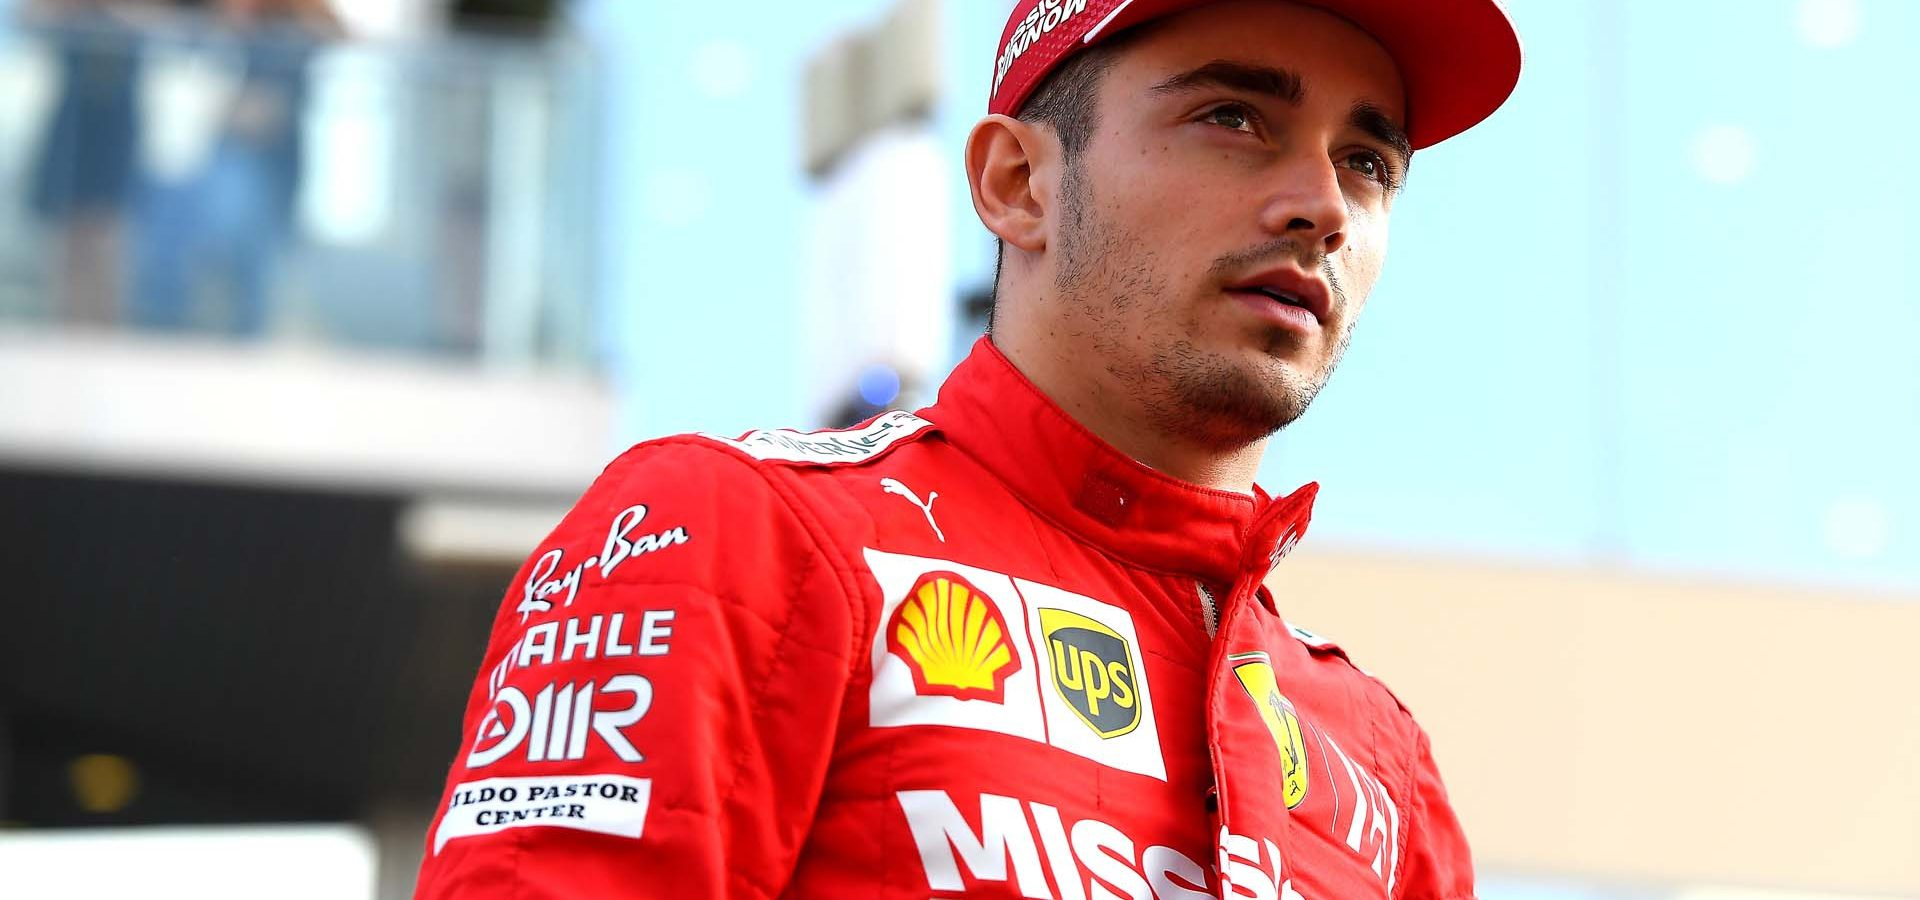 GP ABU DHABI  F1/2019 - DOMENICA 01/12/2019   Charles Leclerc Ferrari credit: @Scuderia Ferrari Press Office